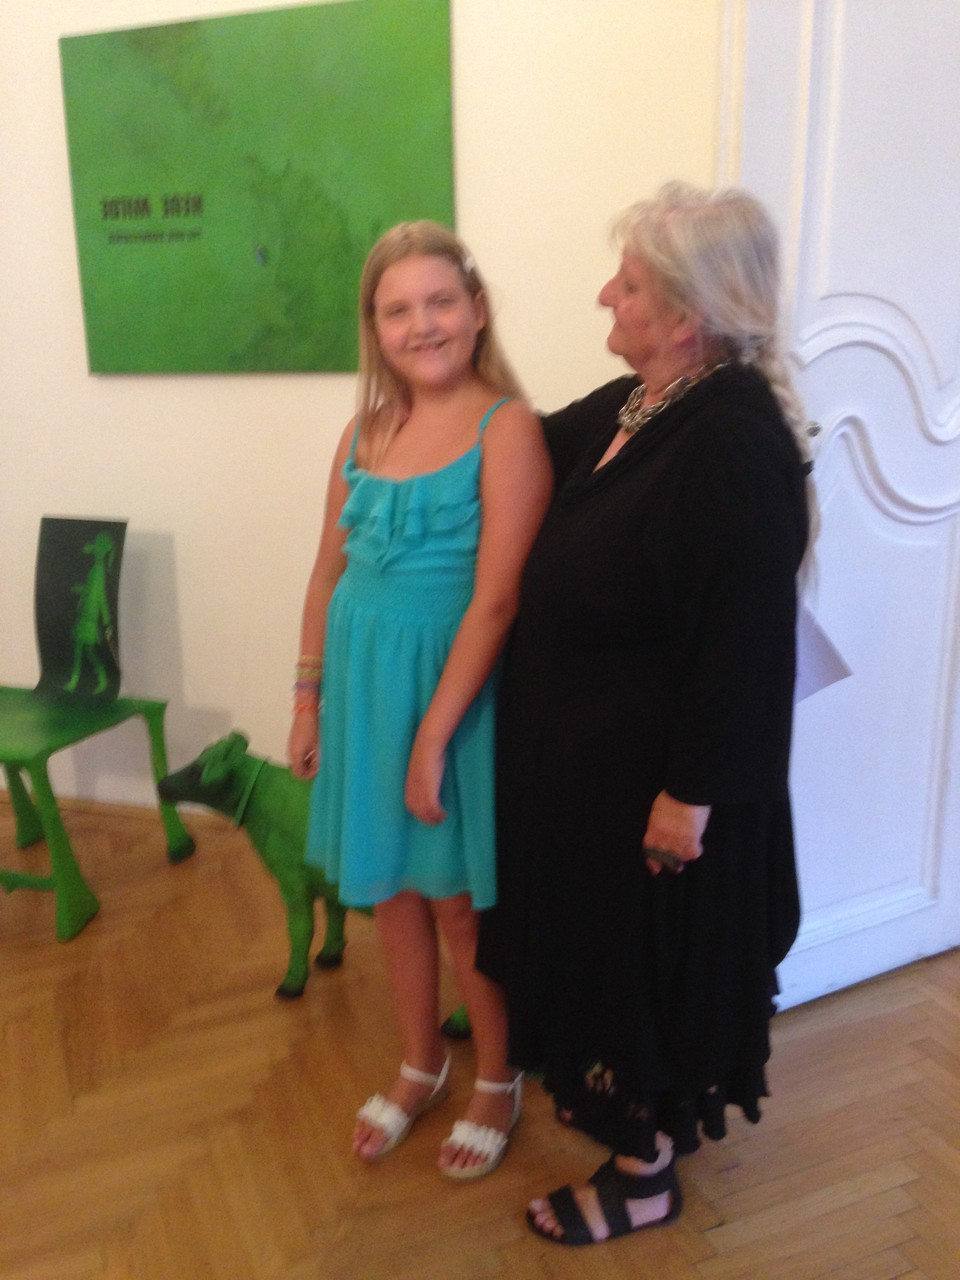 die österreichische Künstlerin Hertha Seyrl - 7.Annuale-MOYA - 23.6.2014